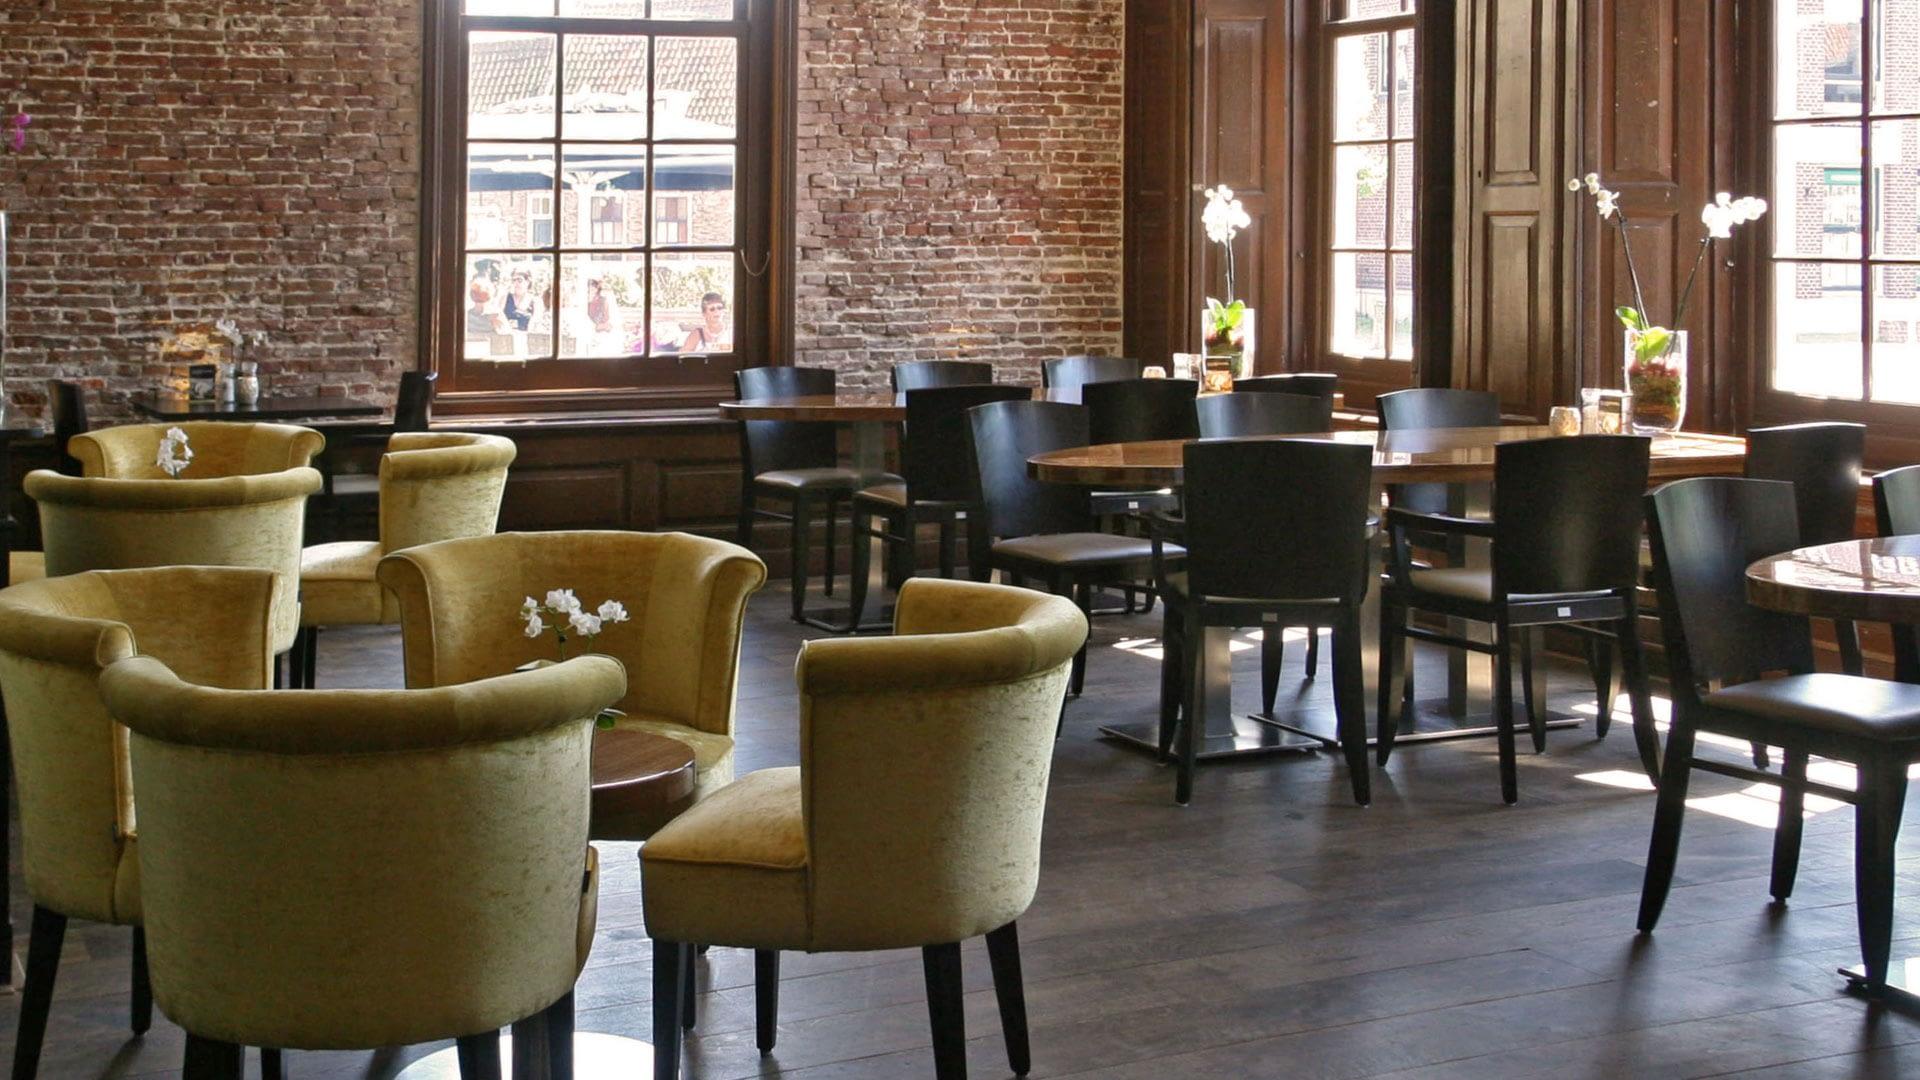 Zaal bij Restaurant Bij5 met groene ronde zitjes en donkere tafels met houten stoelen